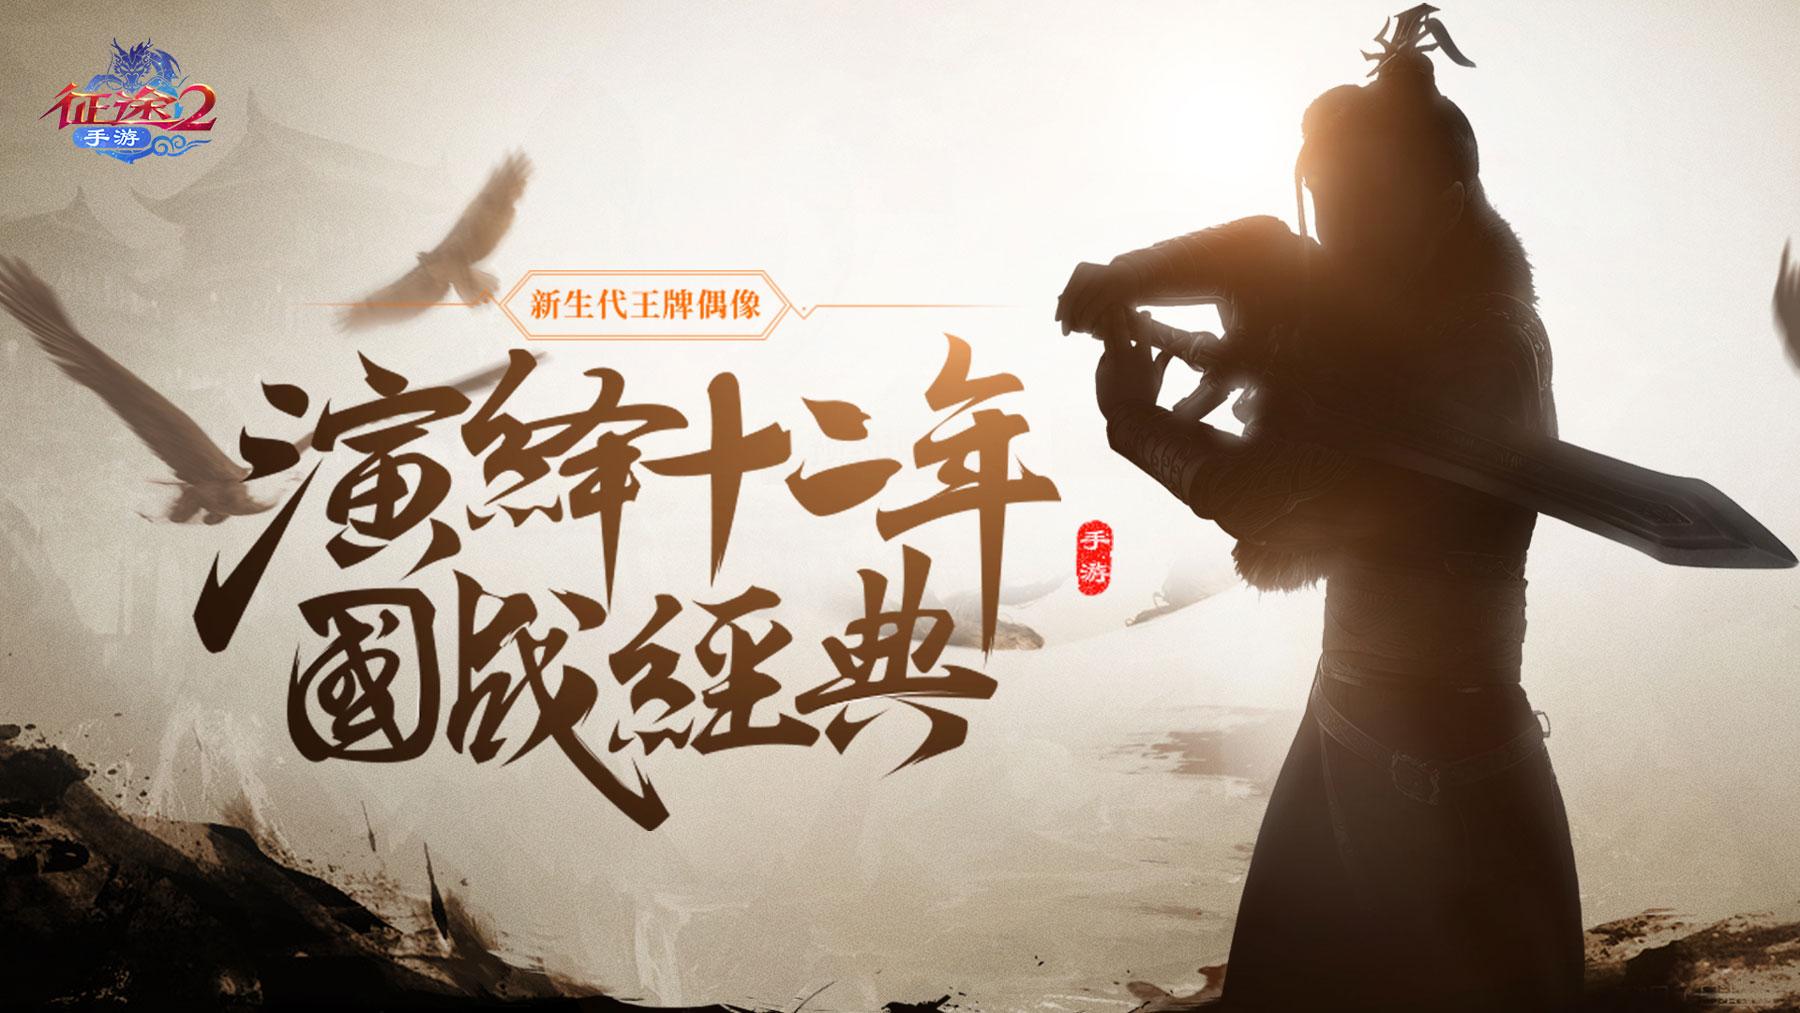 当红小生演绎12年国战经典 《征途2手游》代言人视频首曝